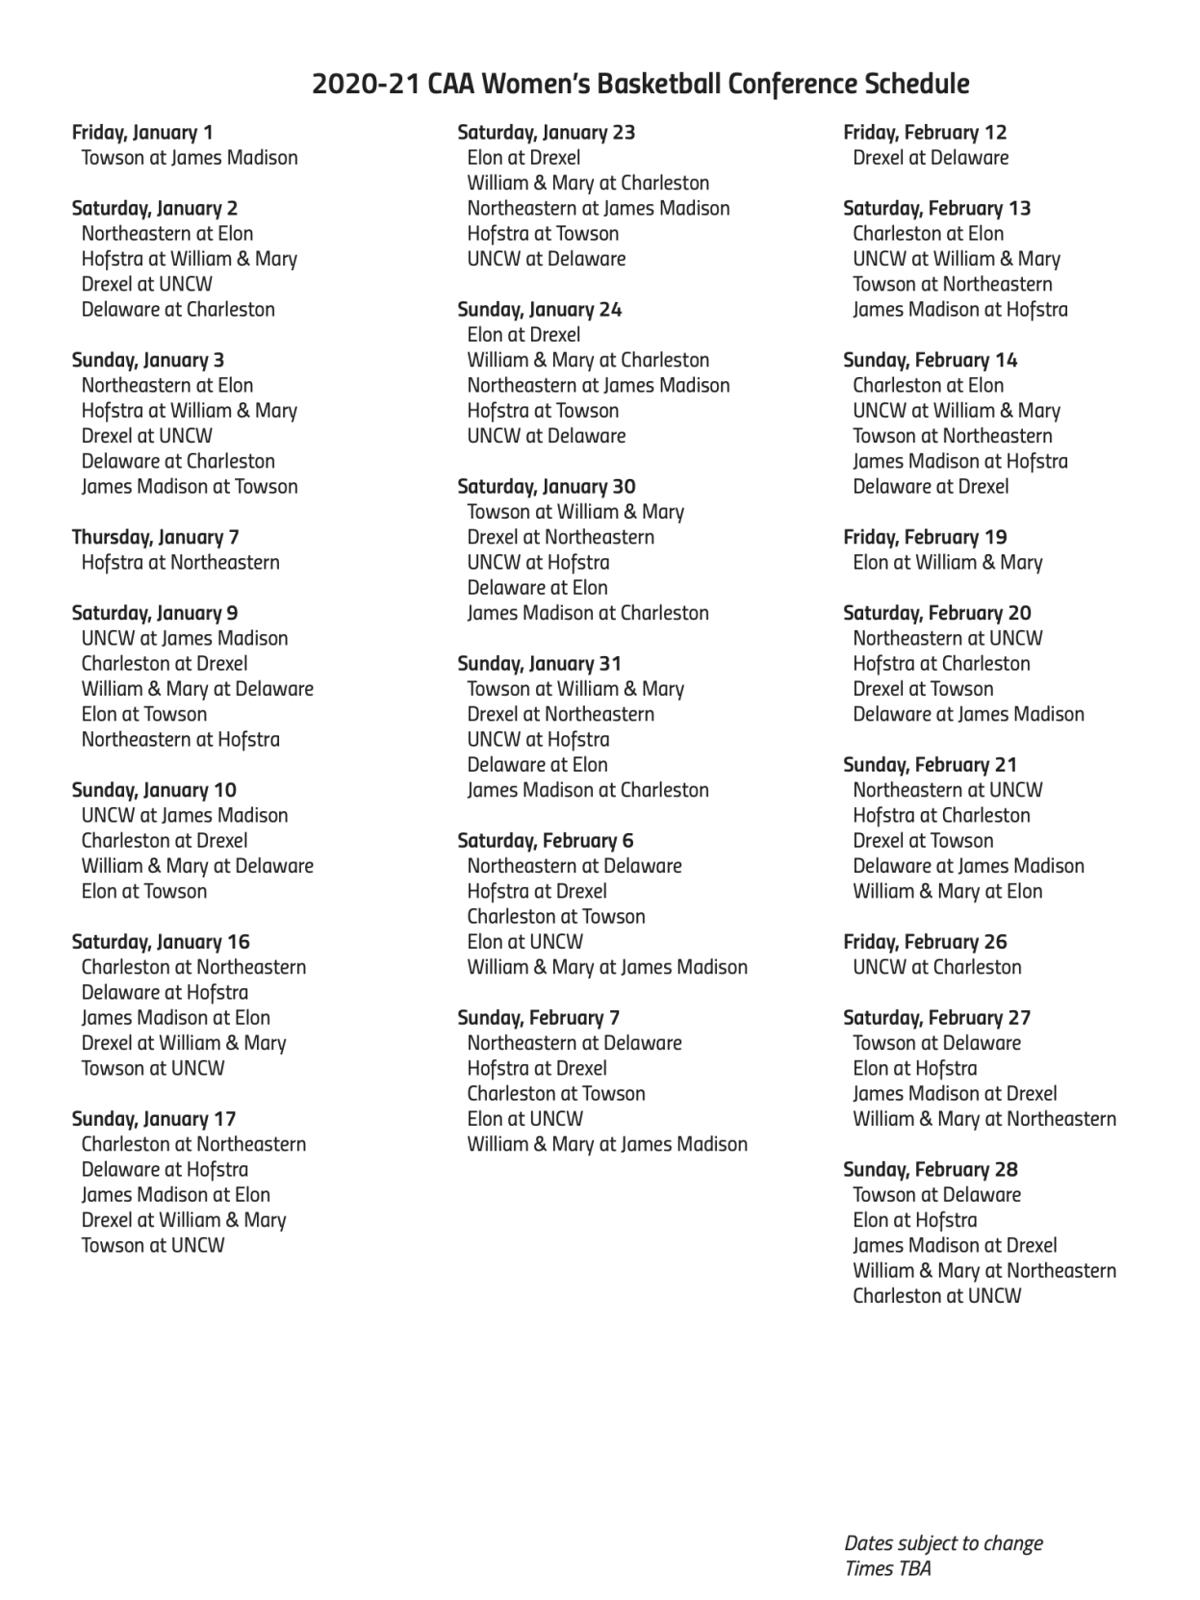 CAA women's schedule.png